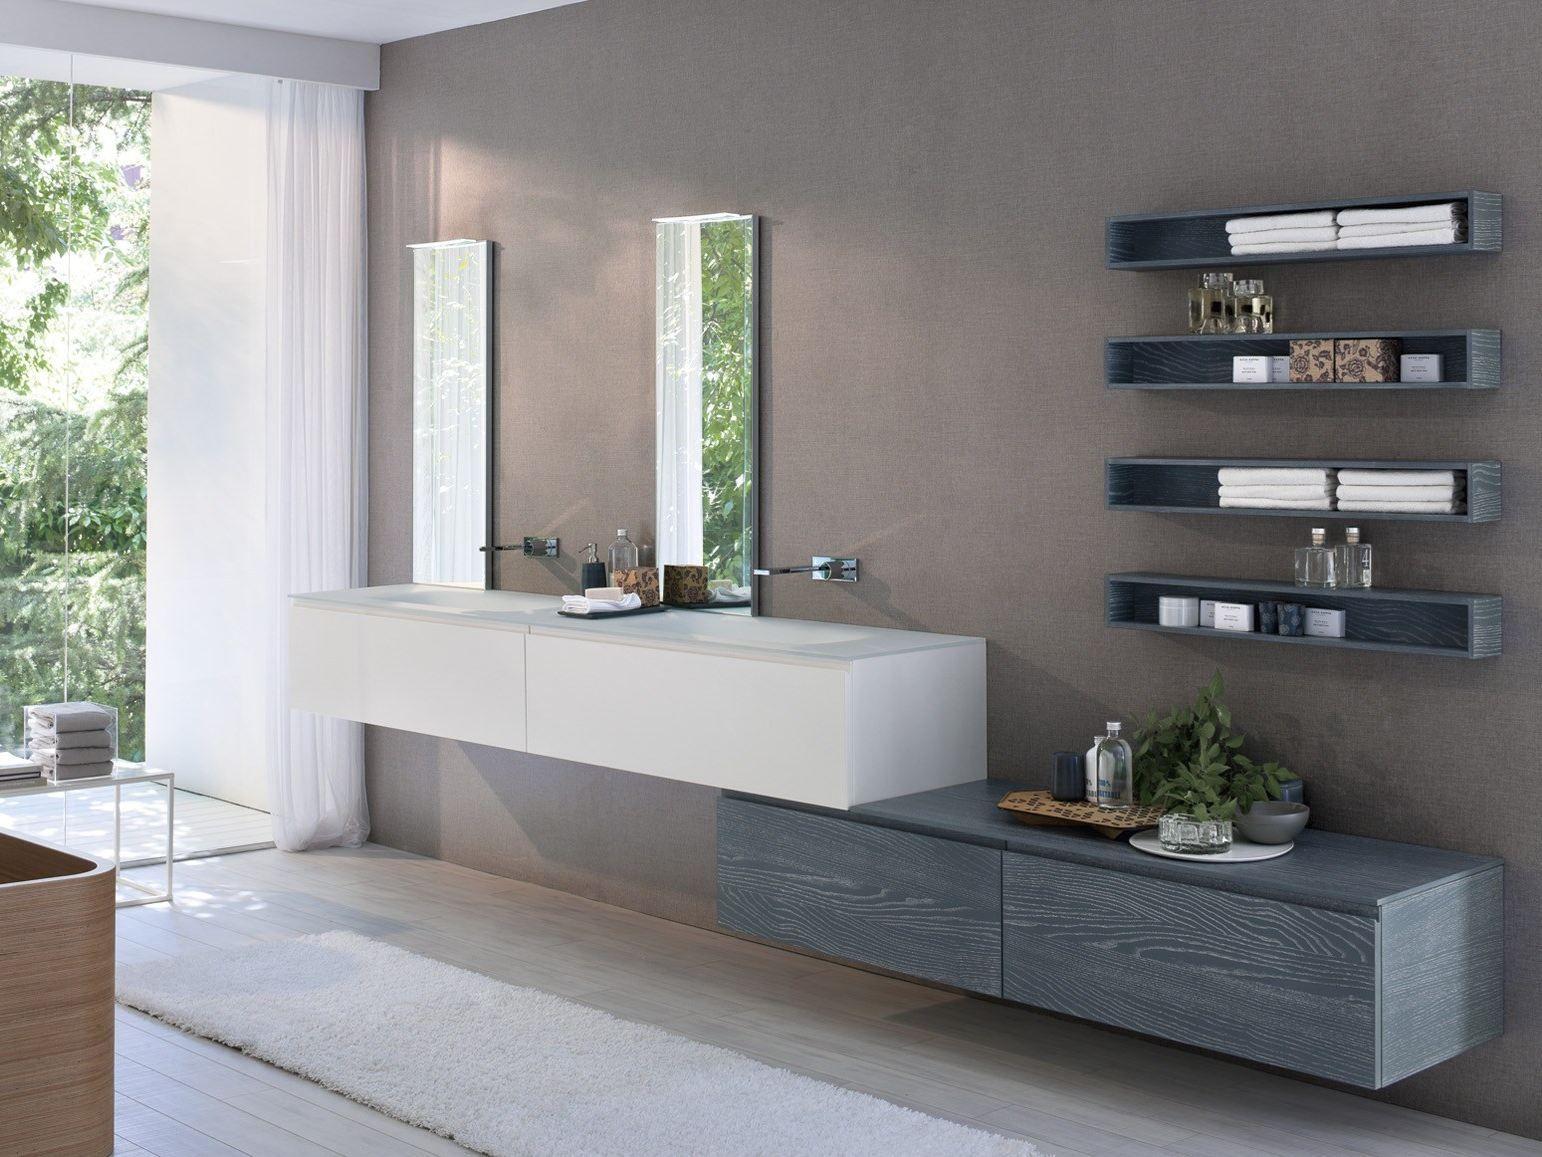 arredo bagno completo comp msp09 by idea - Modelli Bagni Moderni